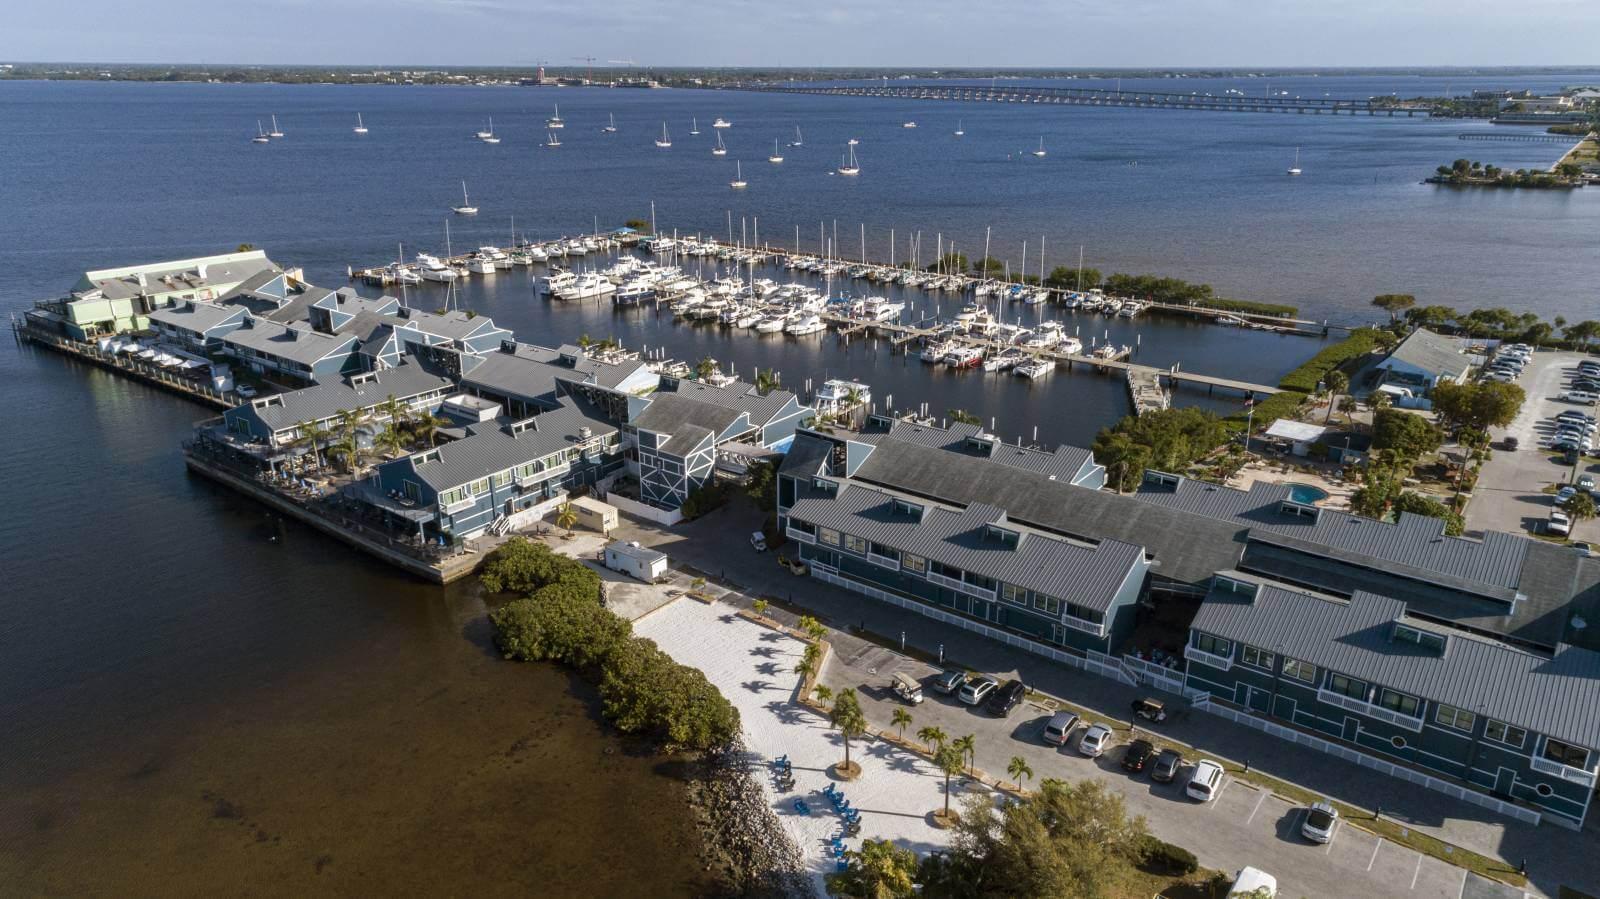 Fishermen's Village resort vacation rental villas Punta Gorda, Florida.